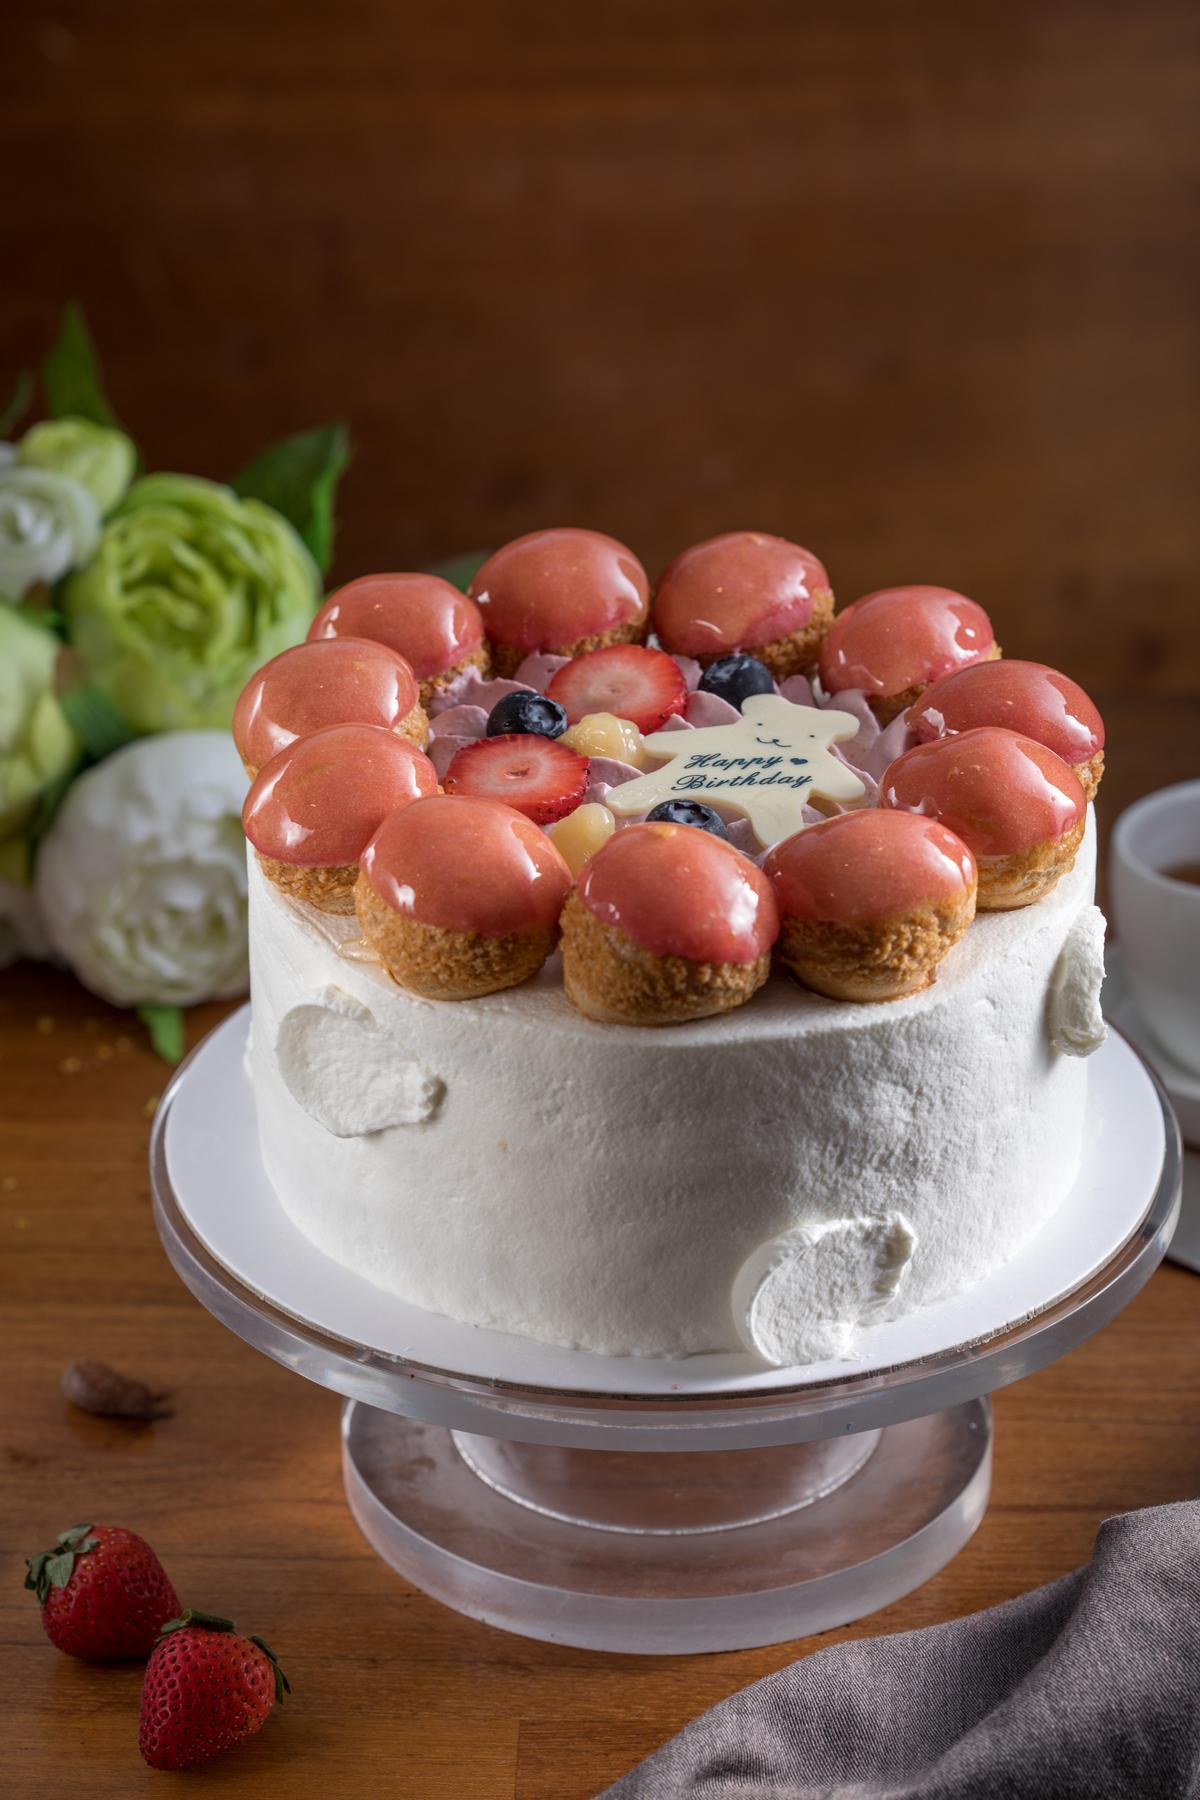 「馨香花語」的玫瑰醬及覆盆子玫瑰奶餡,為奶油蛋糕帶來酸甜交替的層次感。(1,150元/7吋)